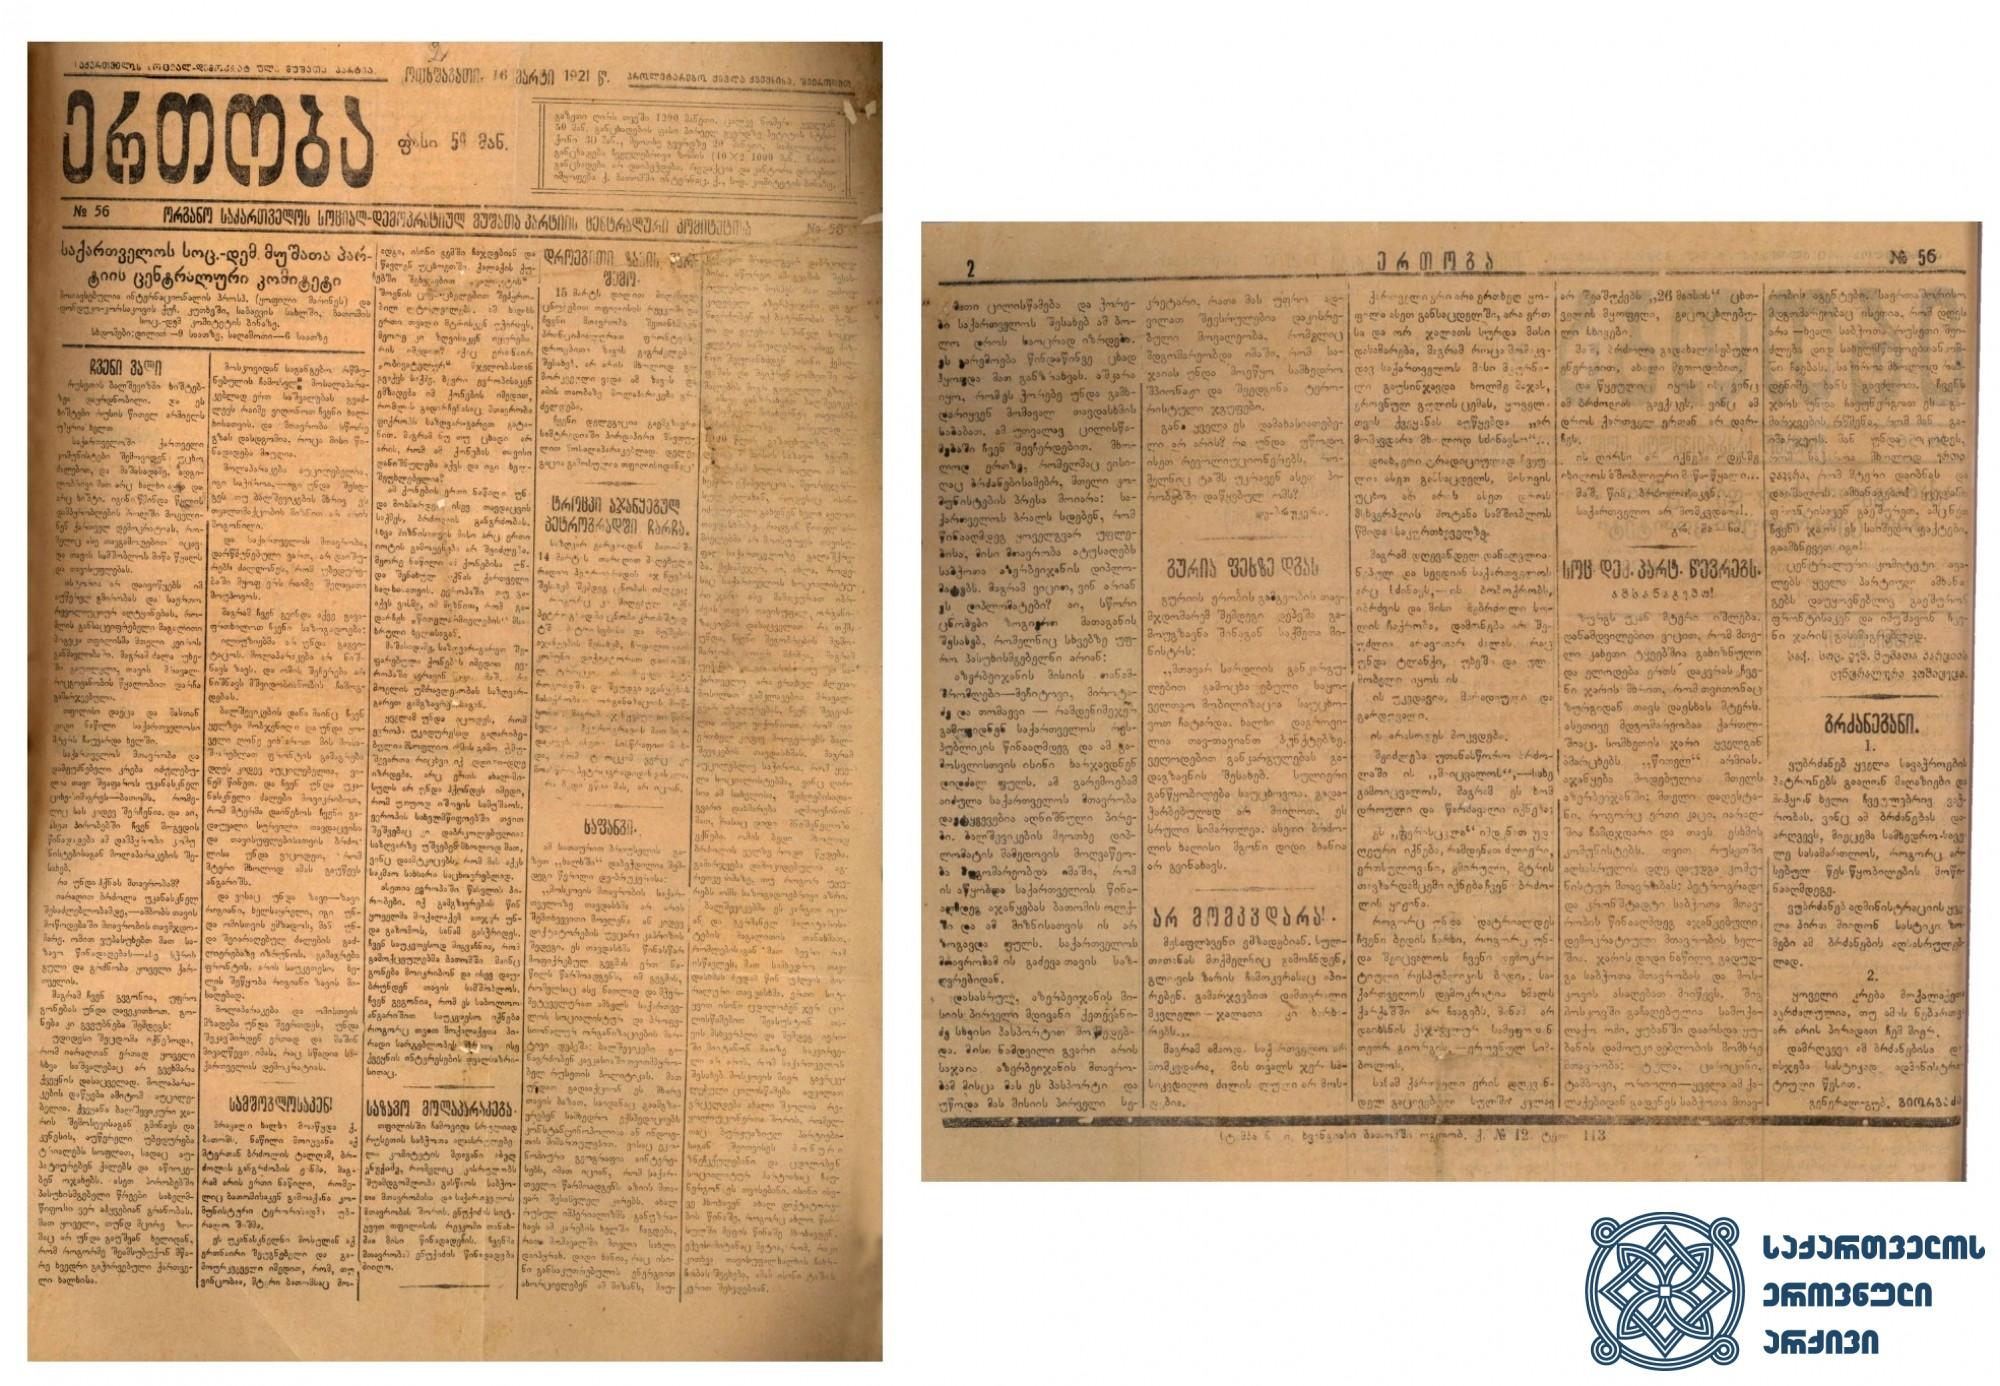 """გაზეთ """"ერთობის"""" ბოლო ნომერი, რომელშიც ასახულია რუსეთ-საქართველოს ომის ბოლო დღეების ქრონიკა. <br> 1921 წლის 16 მარტი. <br> The last issue of the newspaper """"Ertoba"""", which reflects the chronicle of the last days of the Russian-Georgian war. <br> March 16, 1921."""